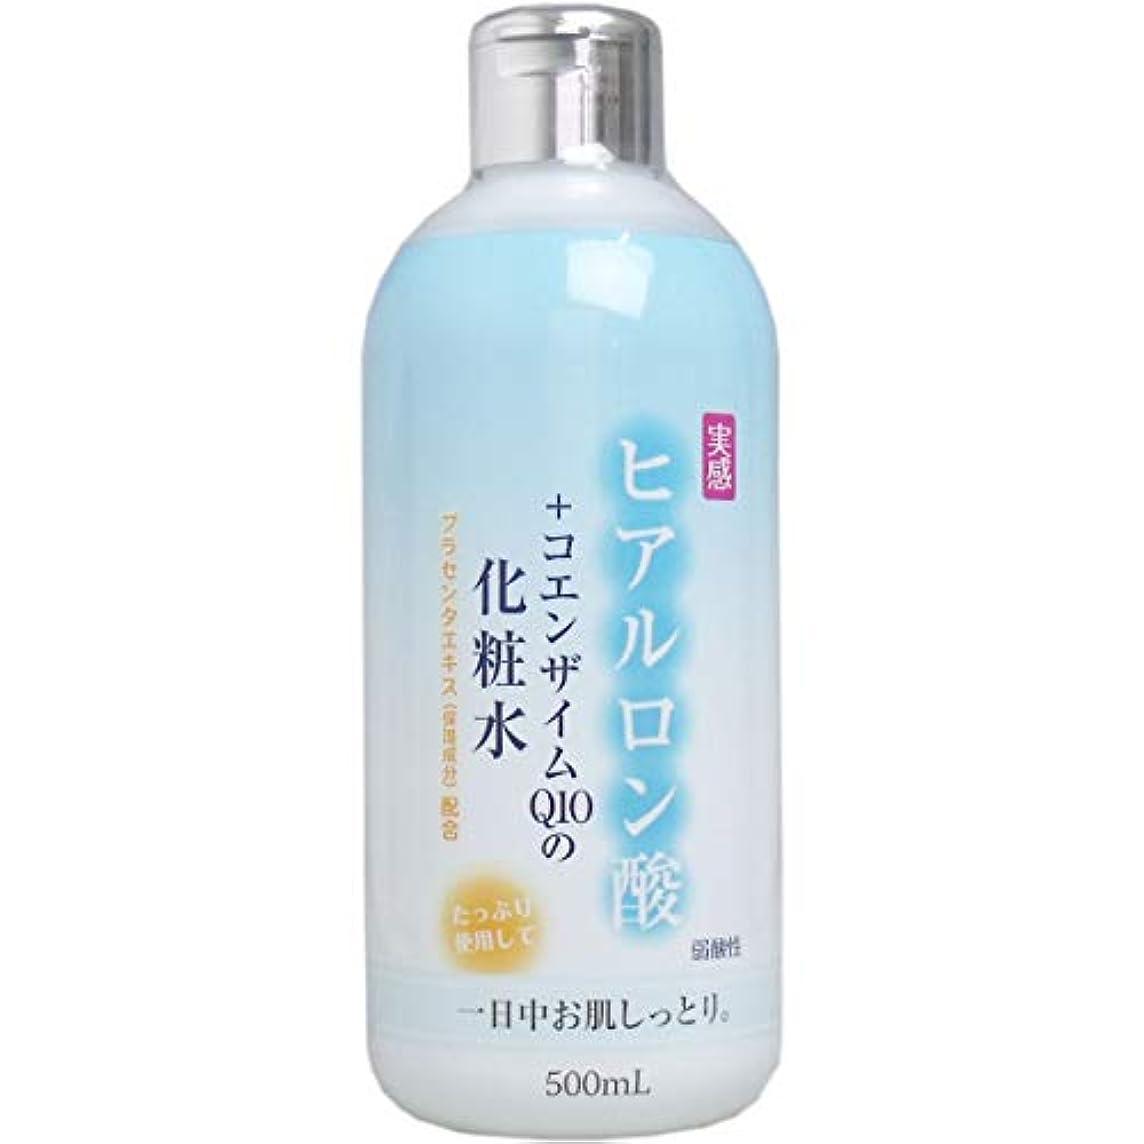 メディア国家まつげヒアルロン酸+コエンザイムQ10 化粧水 500mL